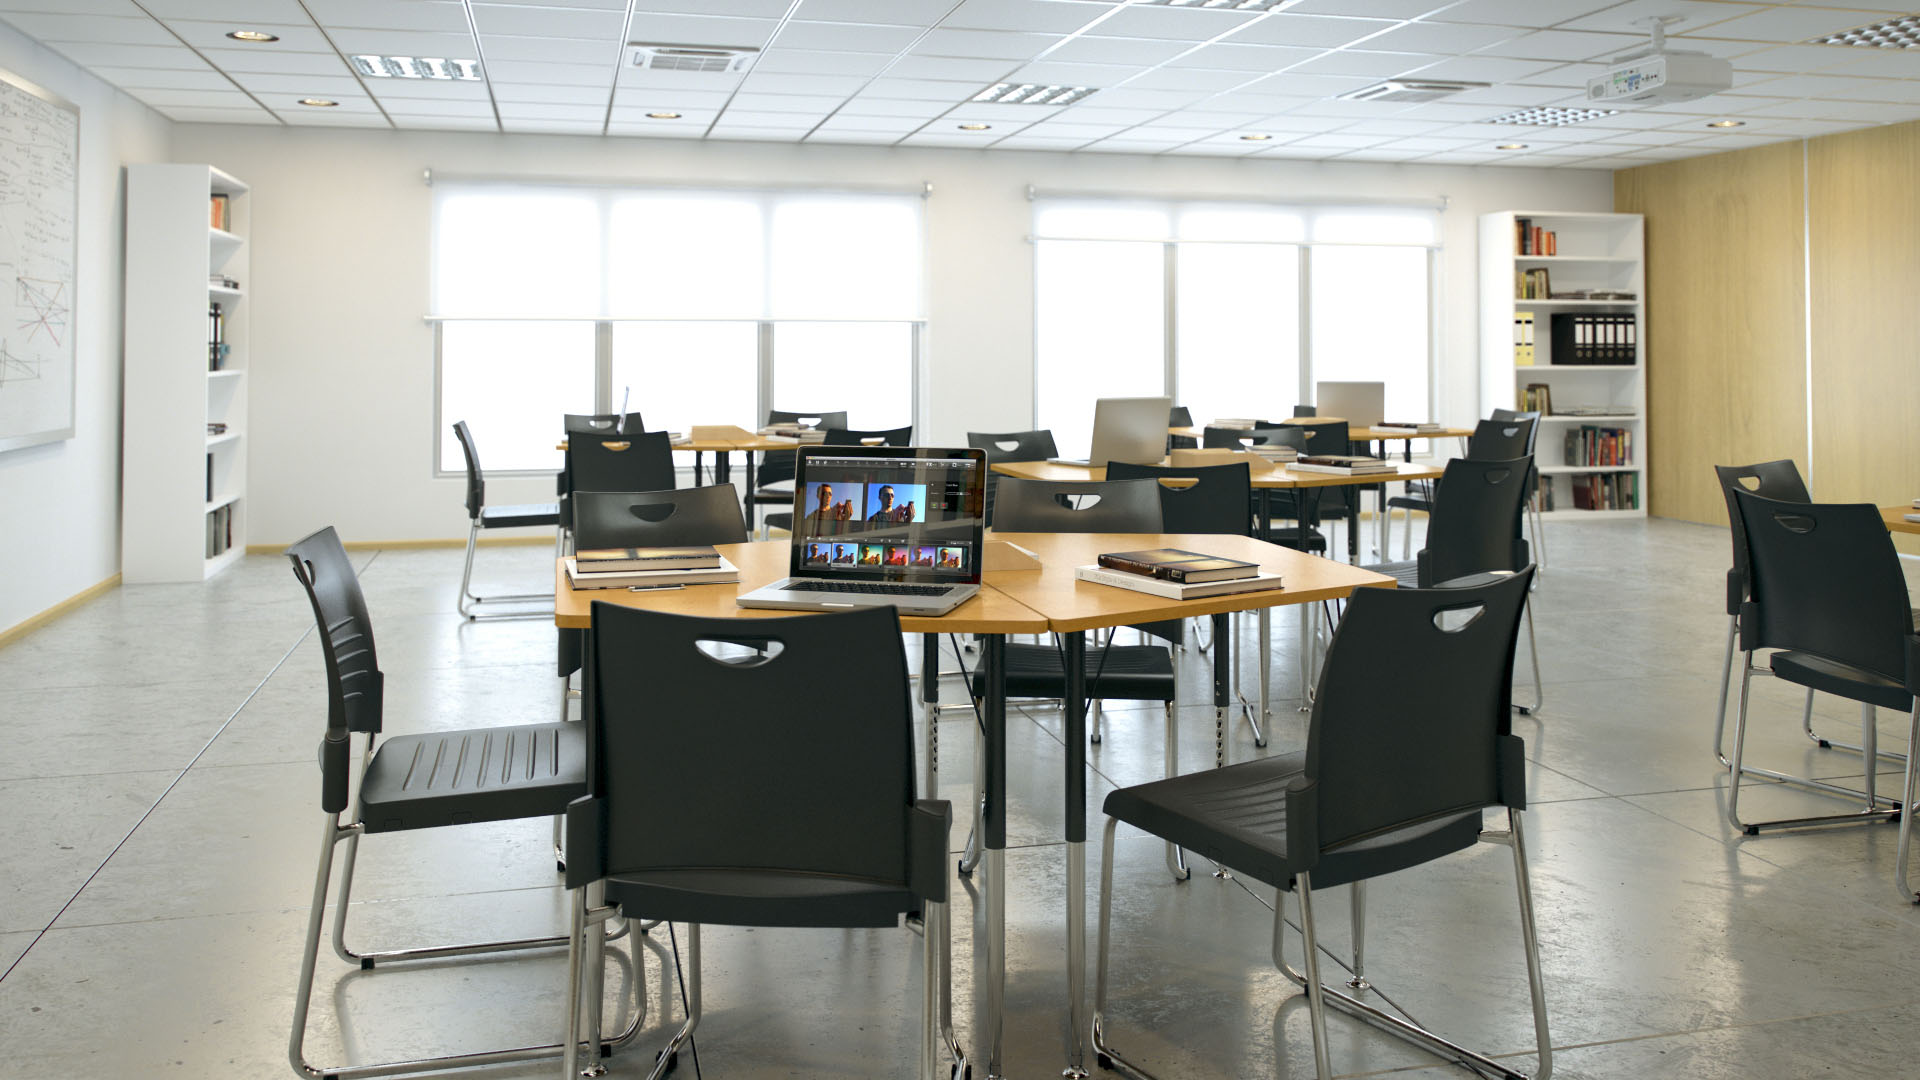 Classroom Design Articles ~ Vwartclub classroom design